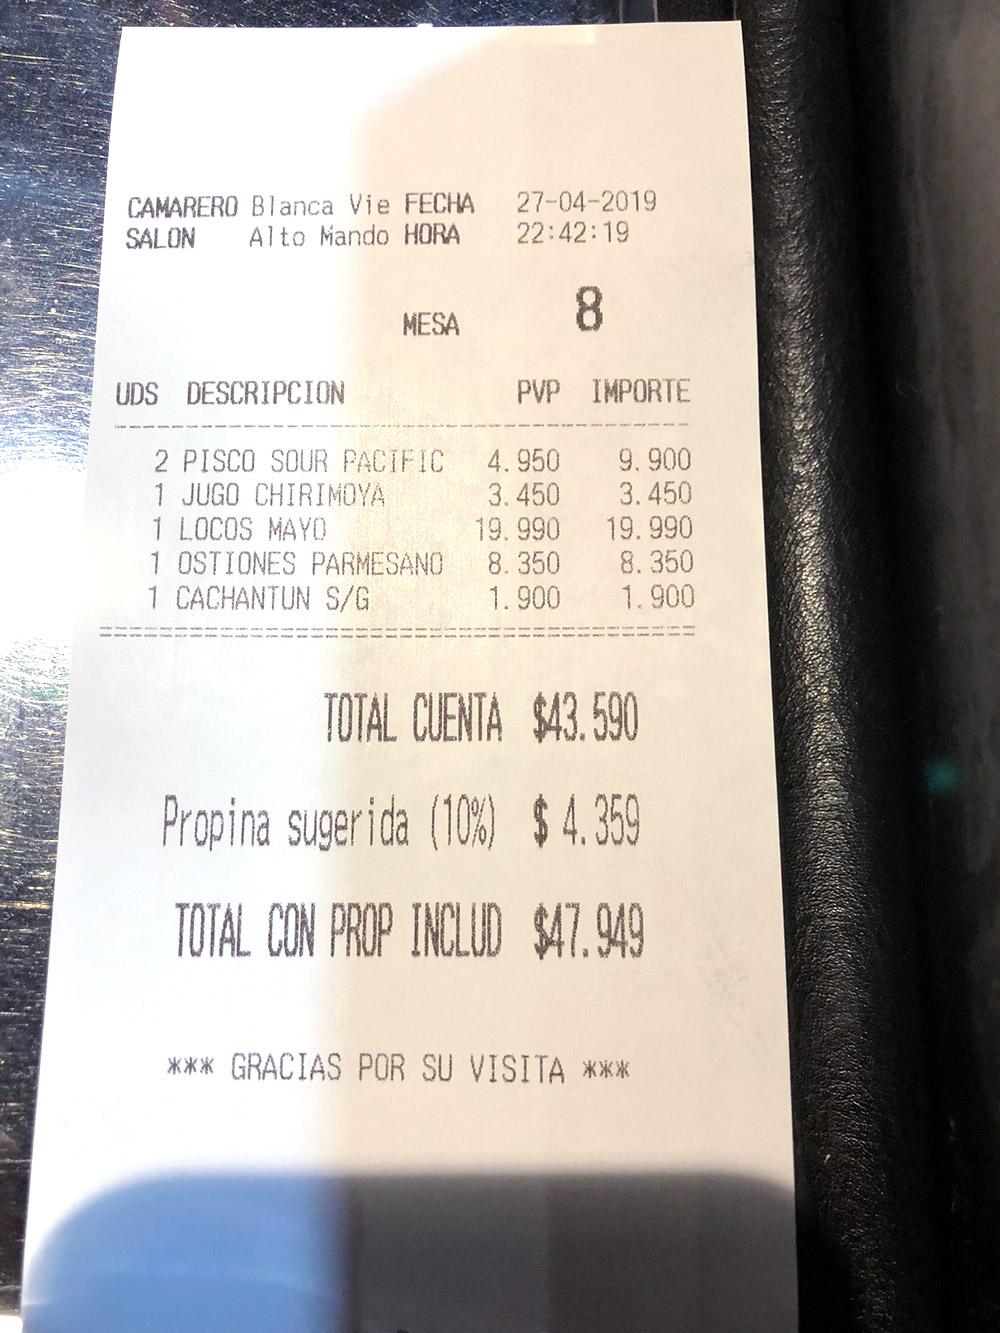 Чек из ресторана: два коктейля «Писко сауэр», сок из черимойи, локос-кон-майо (моллюски под майонезом), устрицы под сыром, бутылка воды — 47 949&nbsp;песо (3781<span class=ruble>Р</span>) с чаевыми